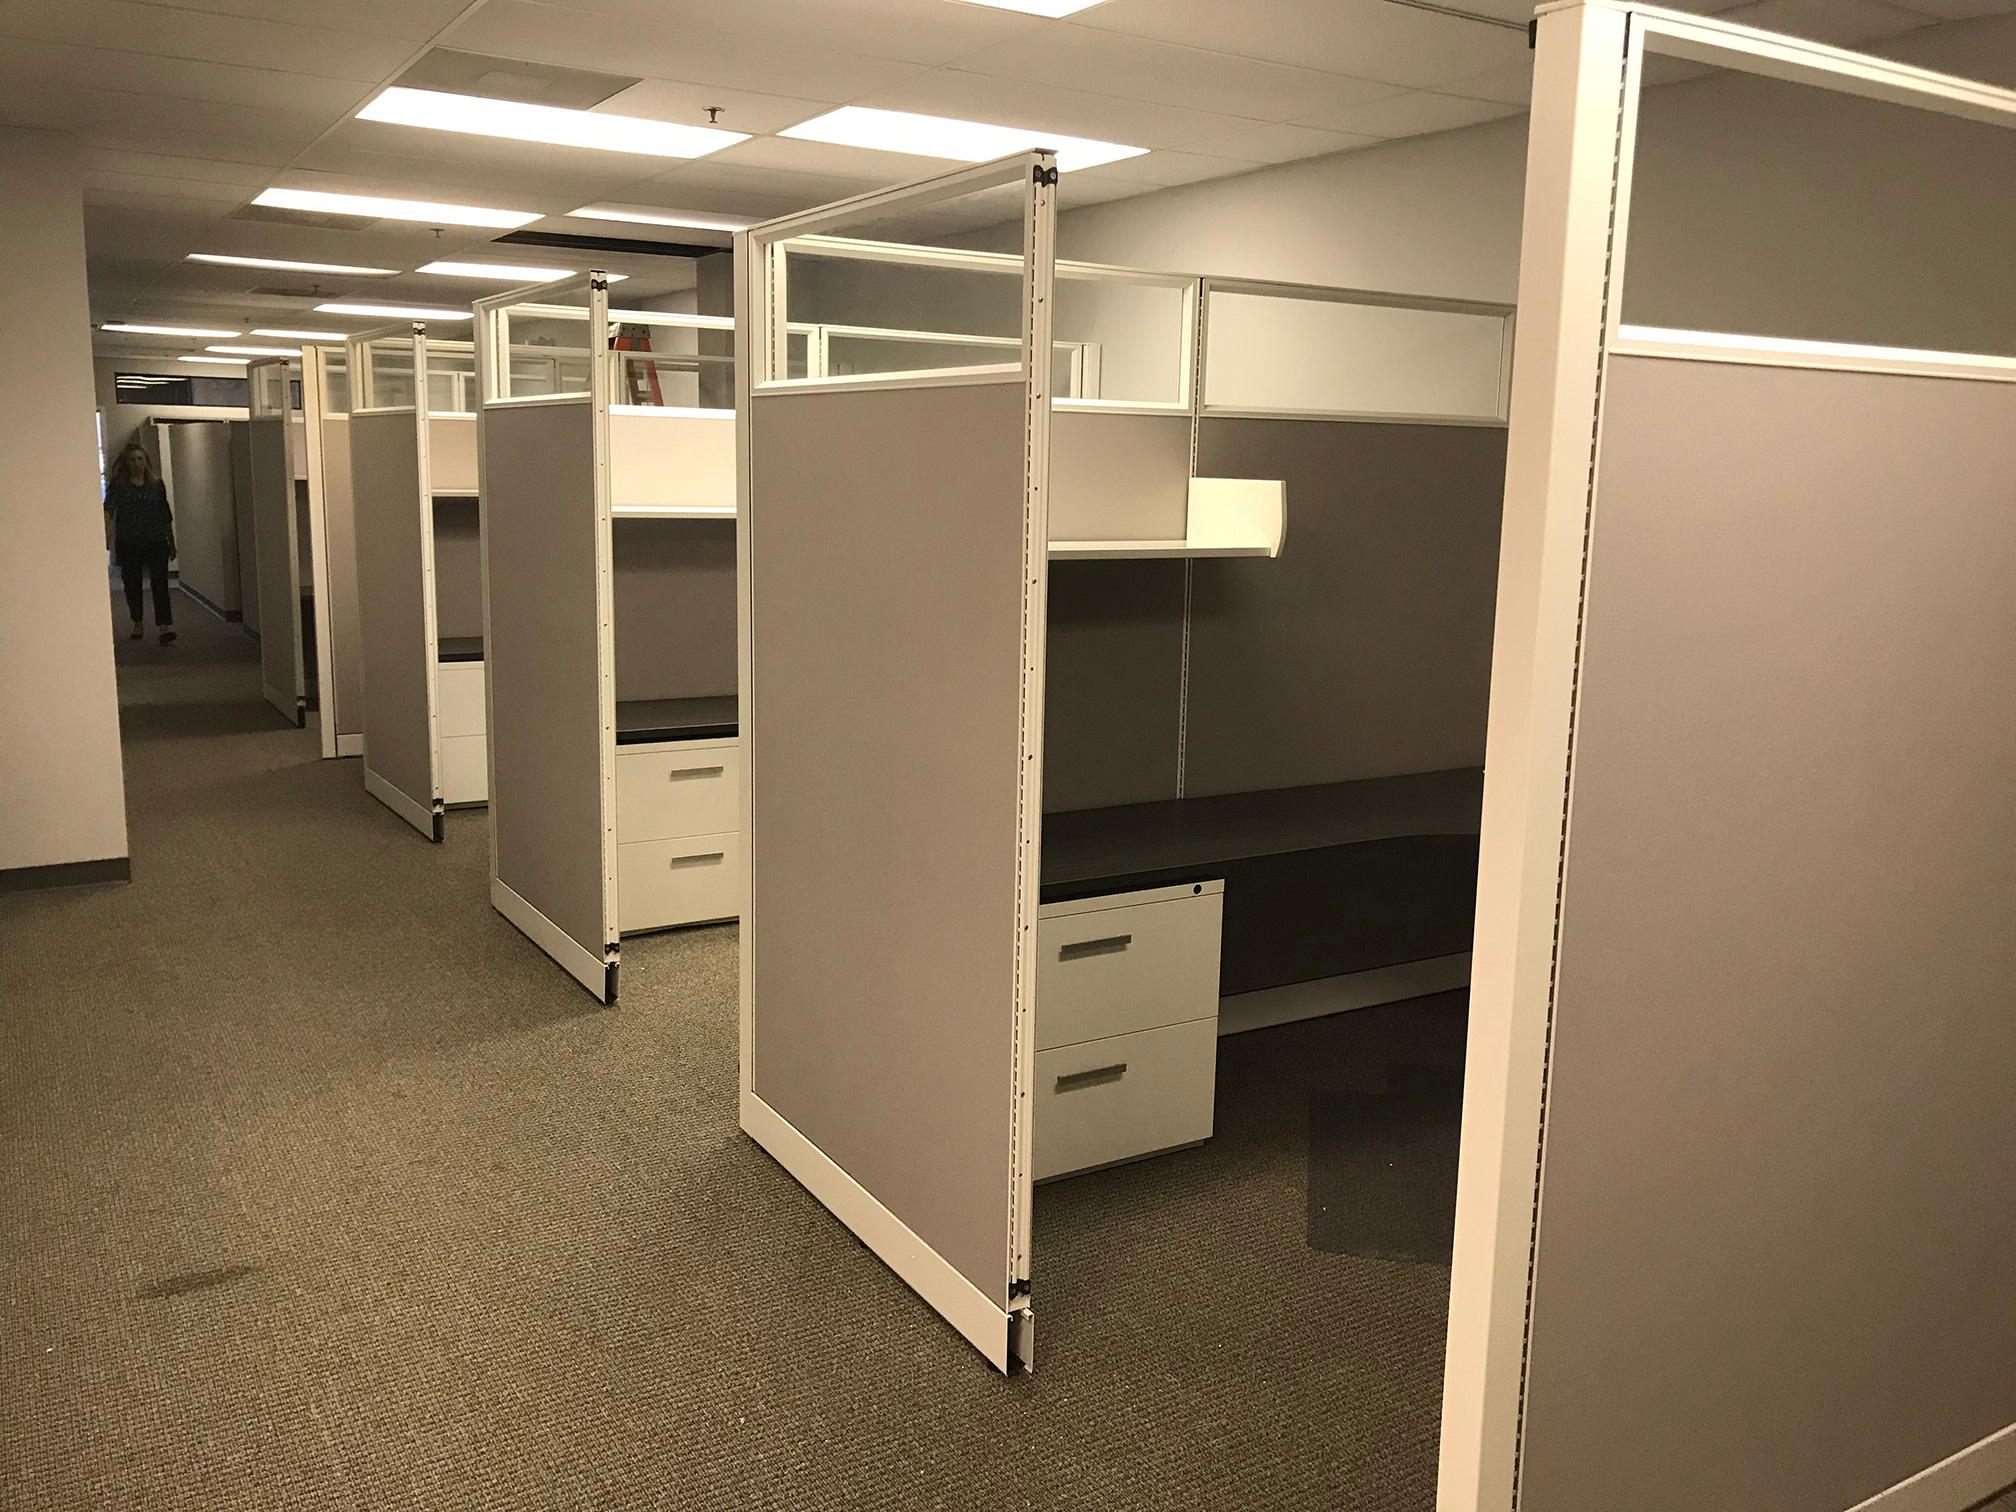 office-cubicles-for-sale-in-deerfield-beach-florida-3-1.jpg